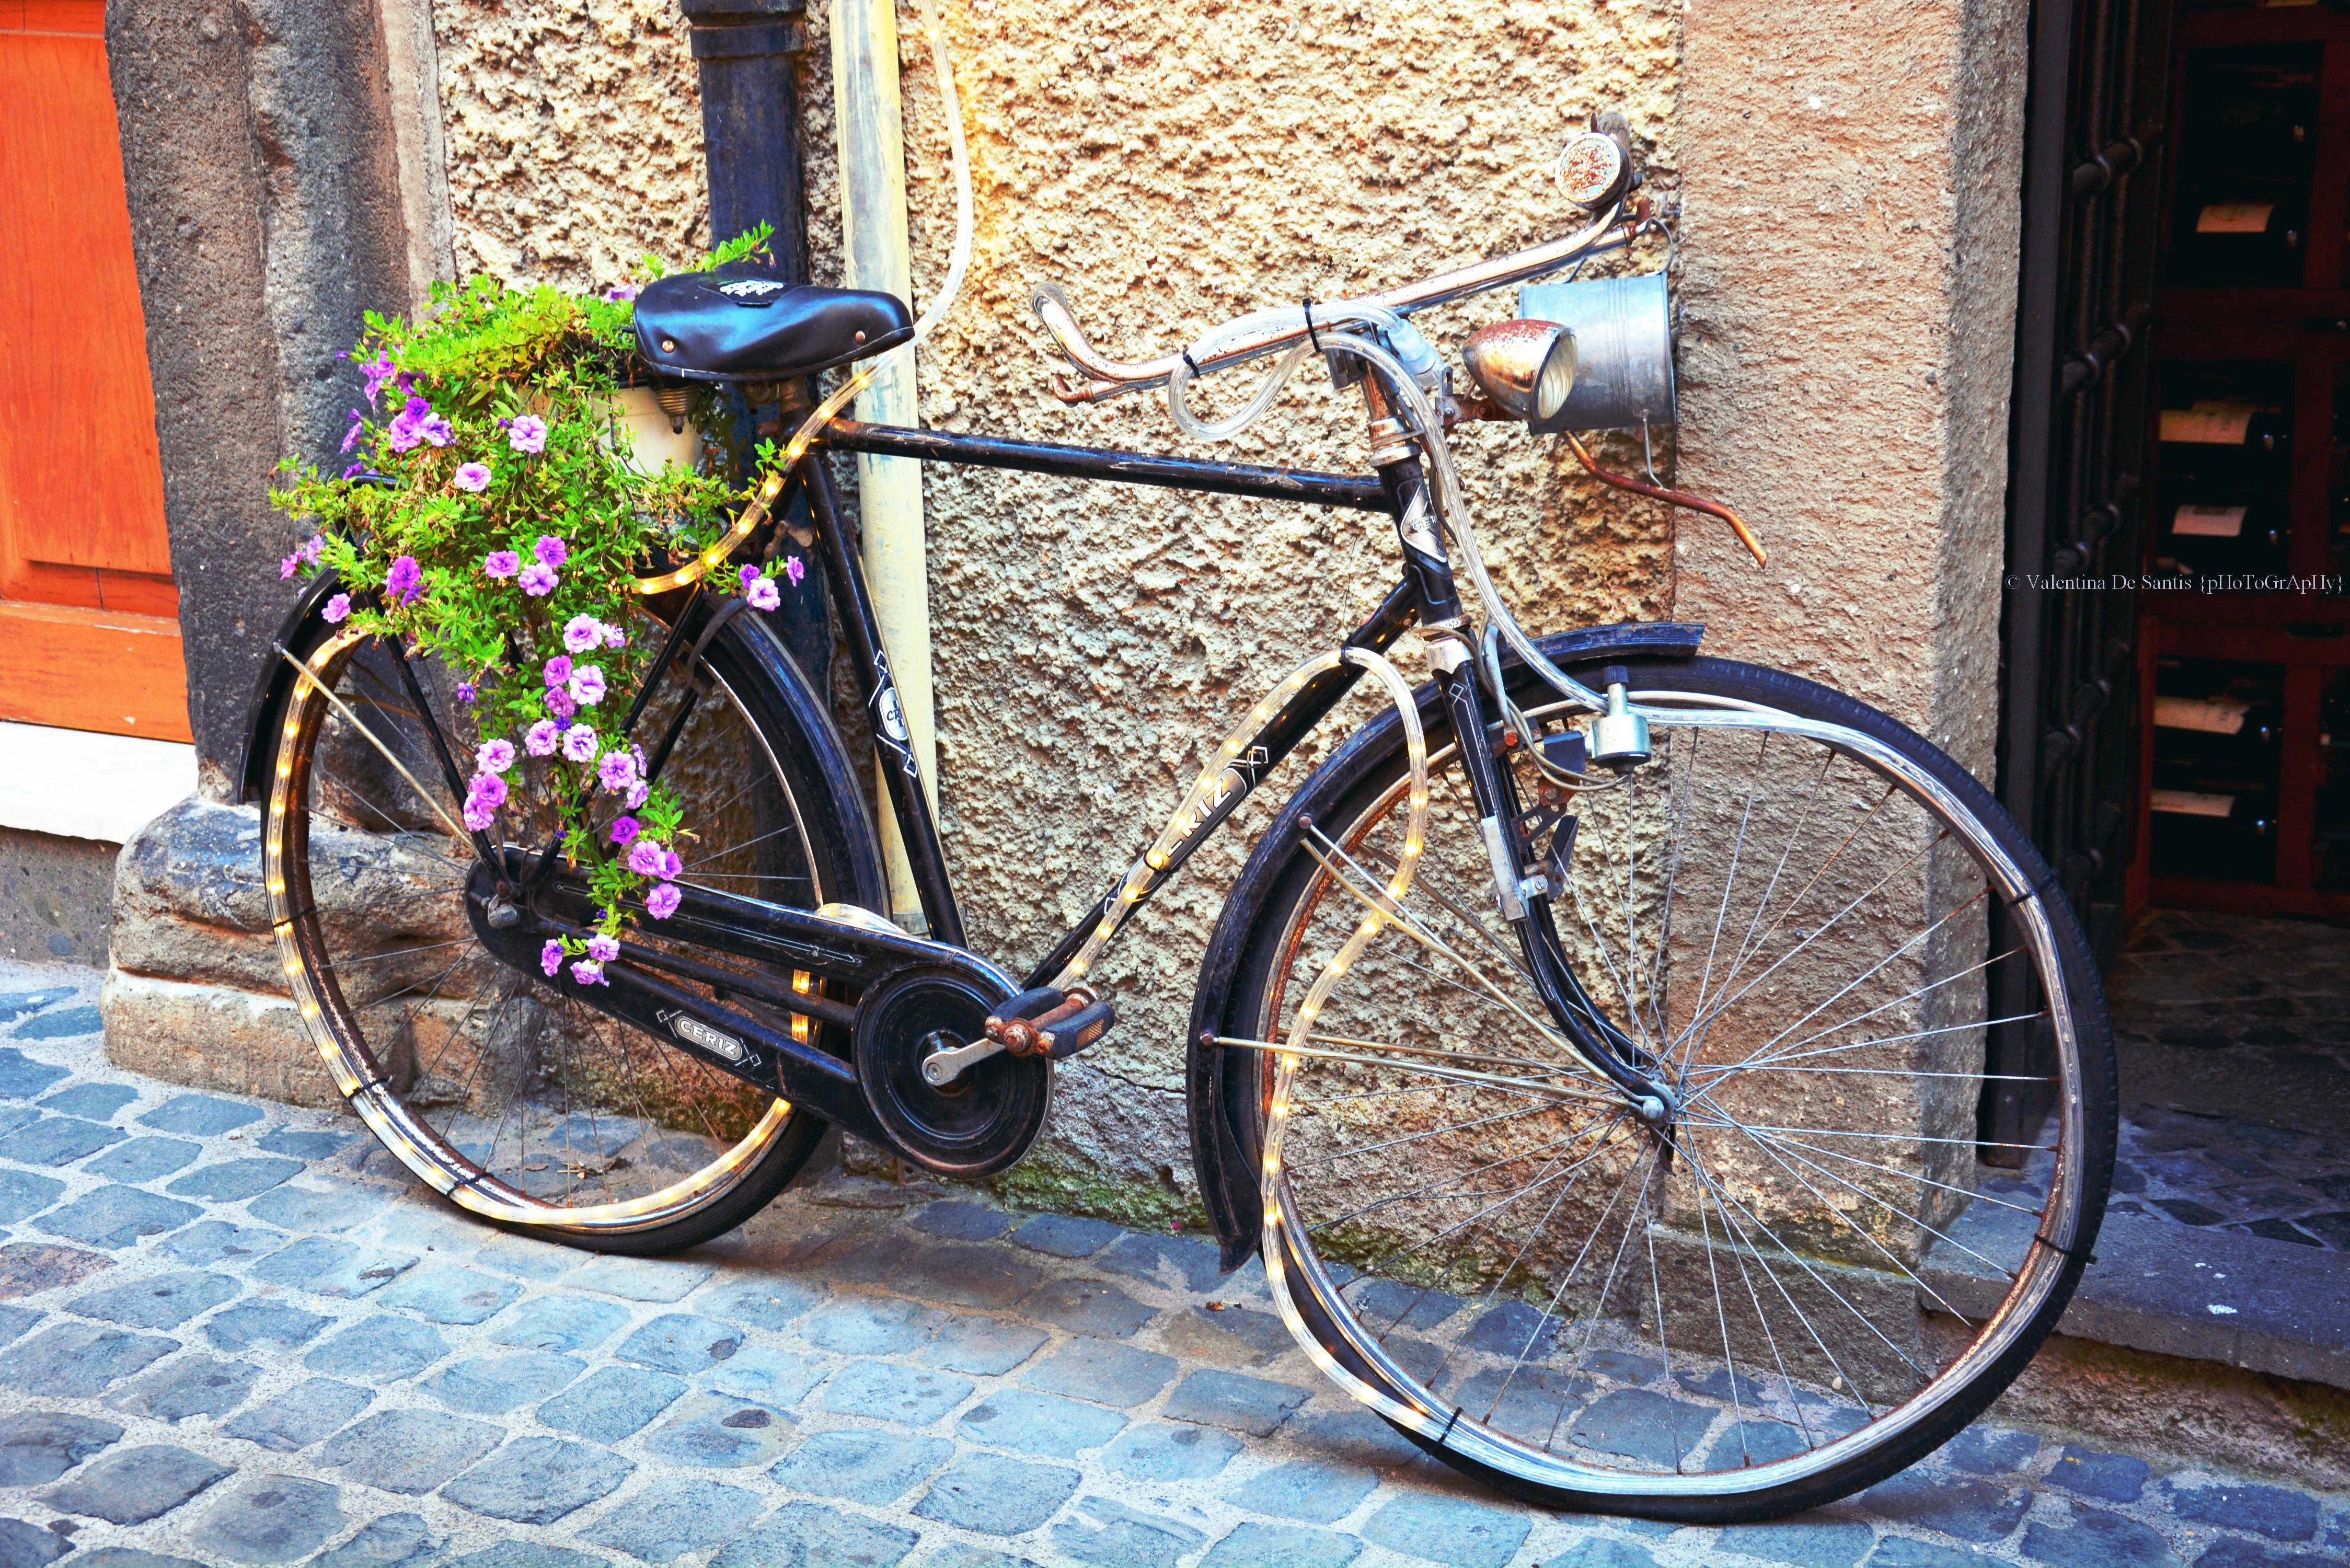 unusual bike, Castel Gandolfo